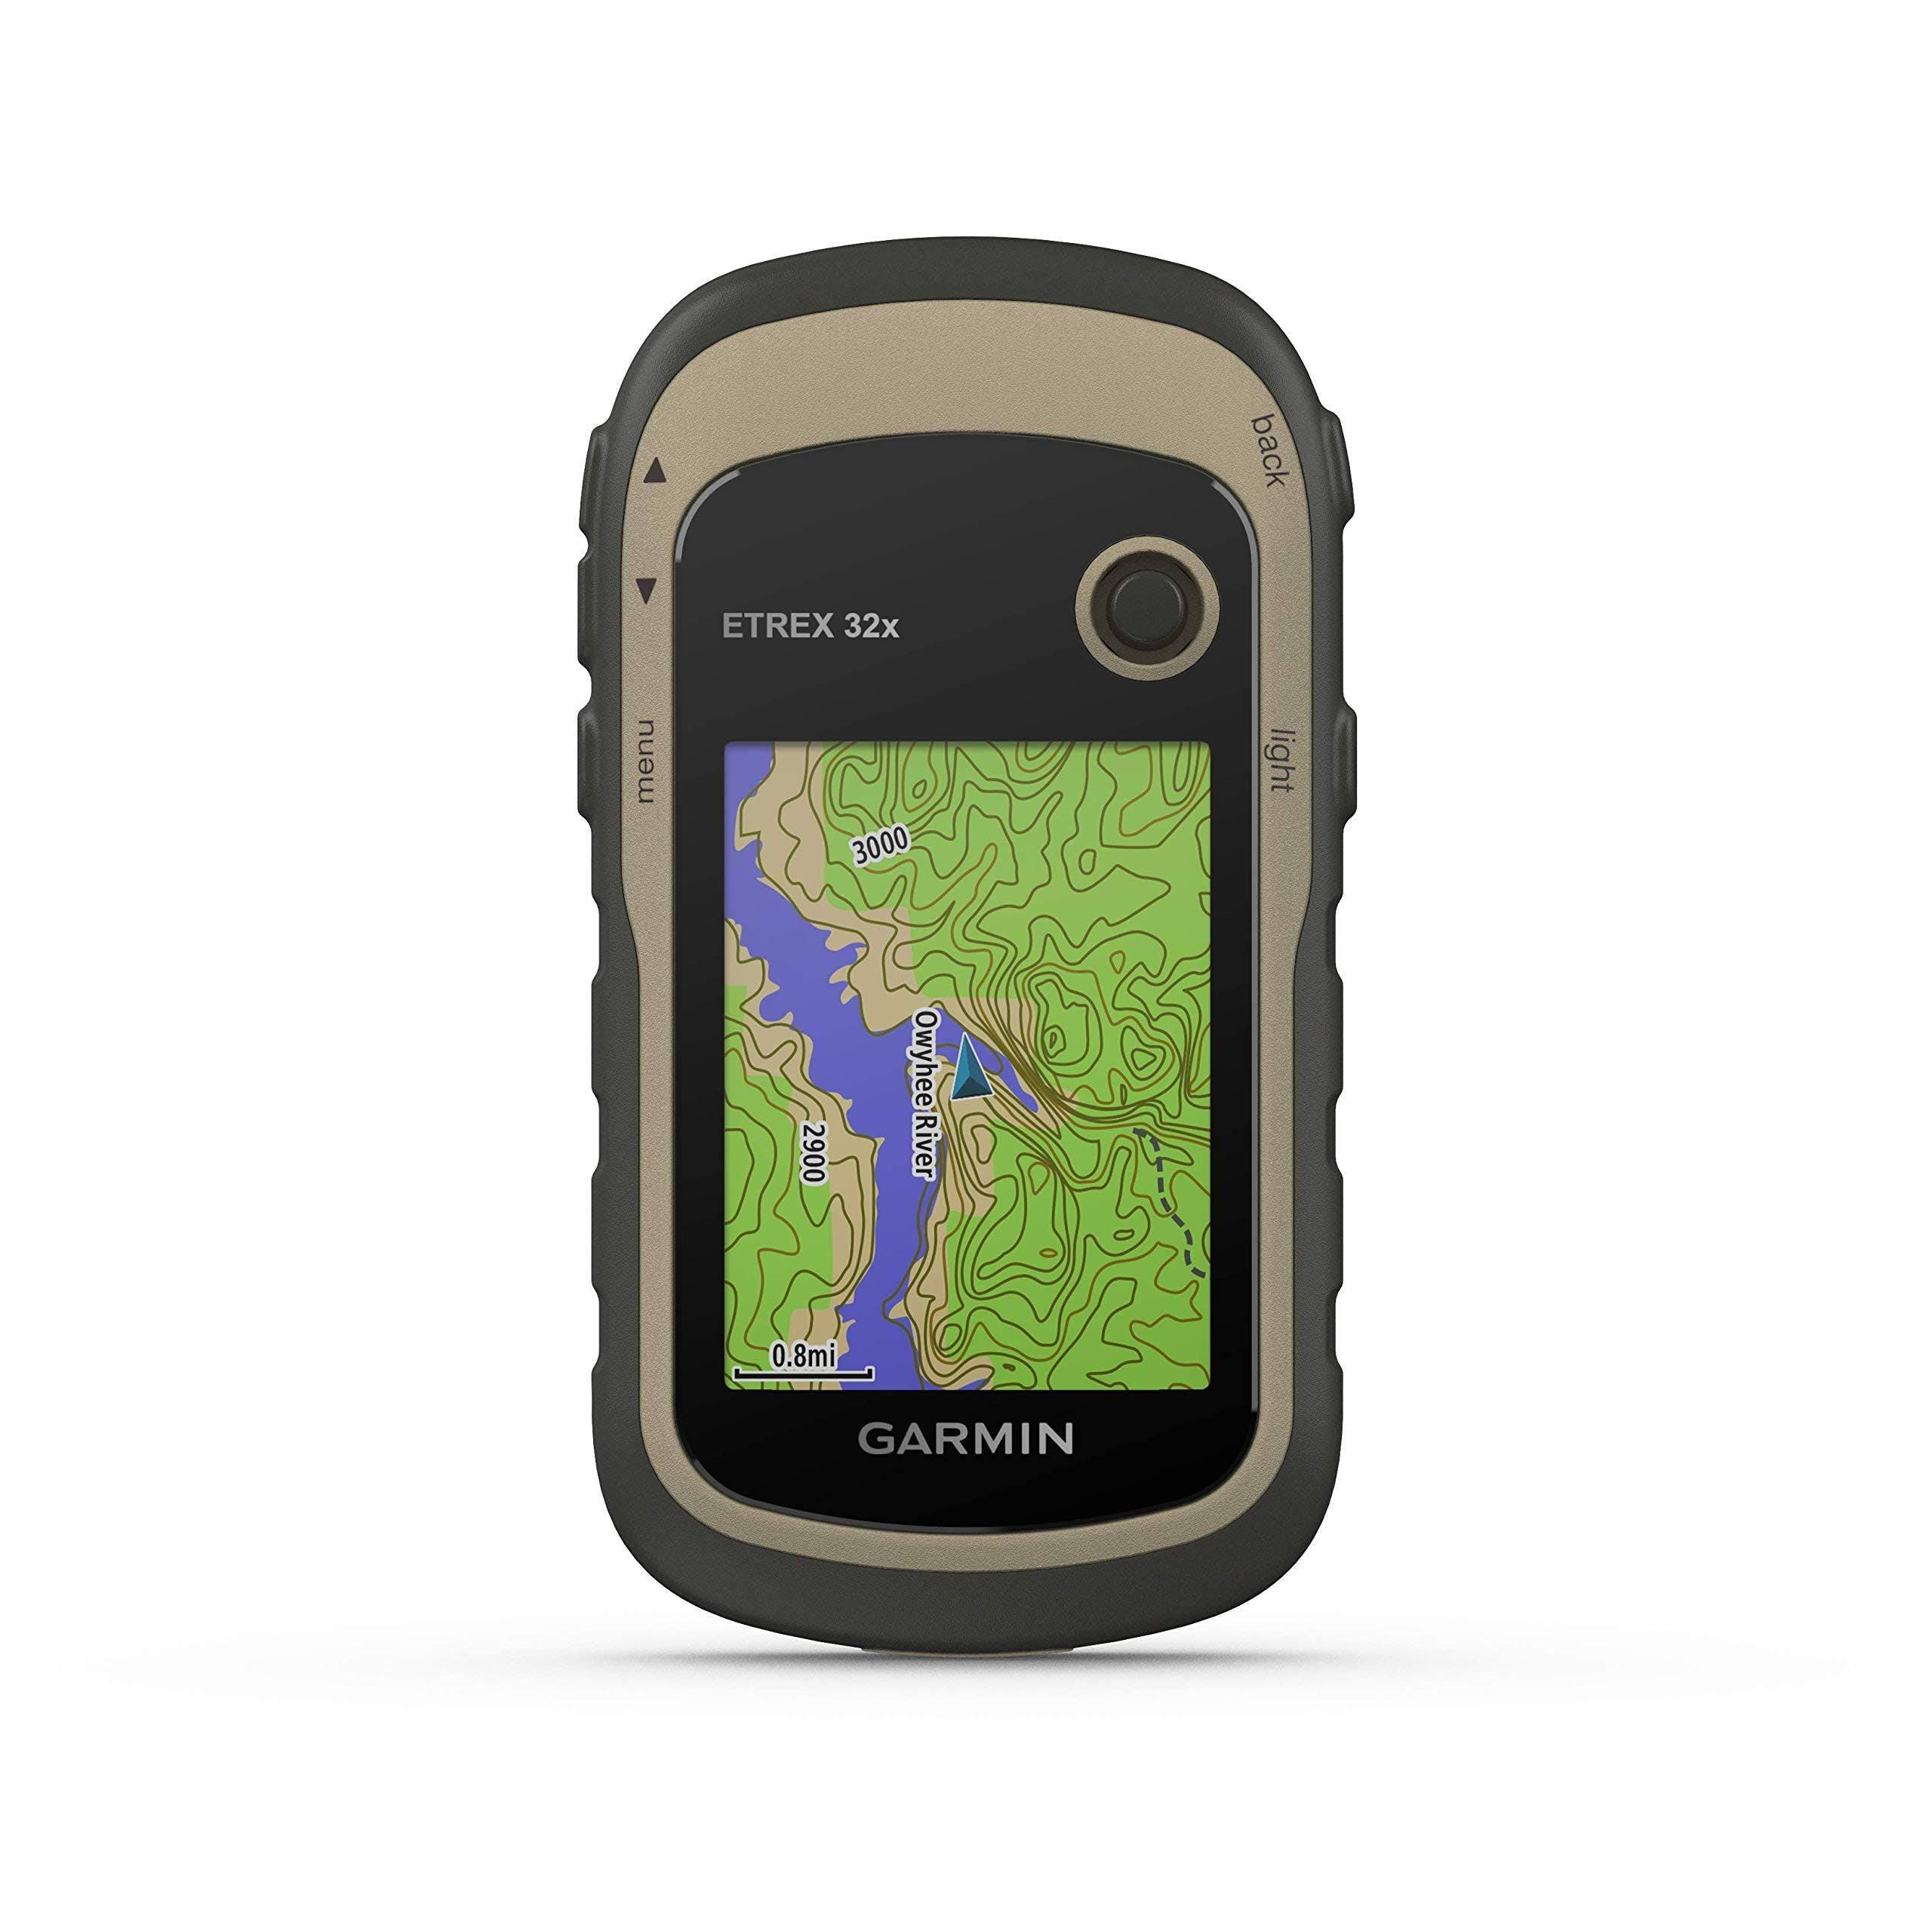 """Garmin eTrex 32x Hiking GPS Navigator - 2.2"""" Display"""